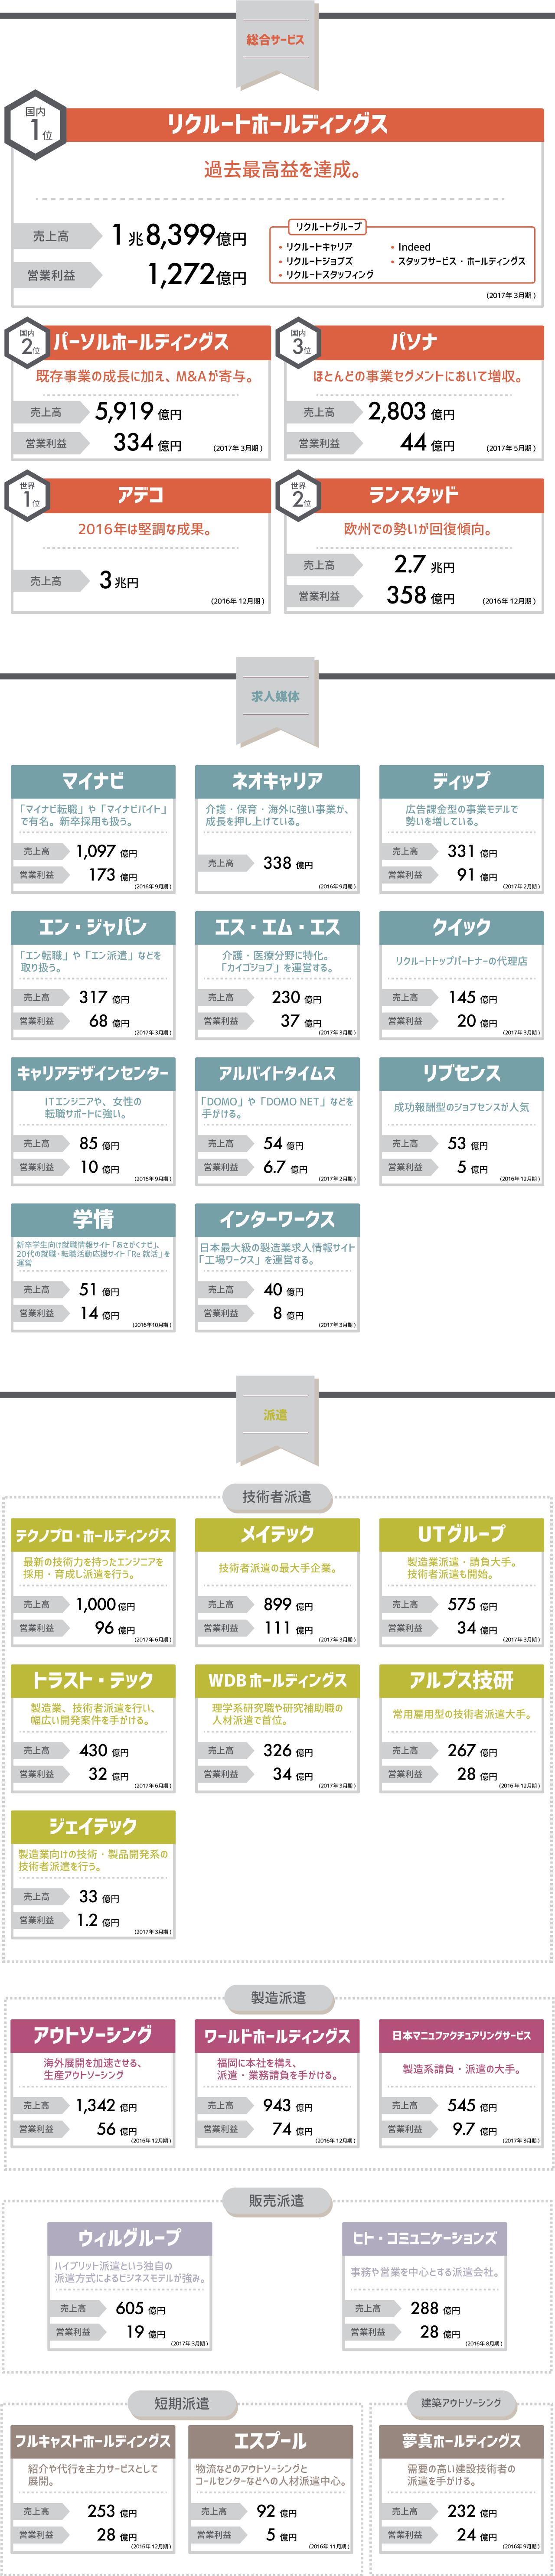 tokusyu_0922